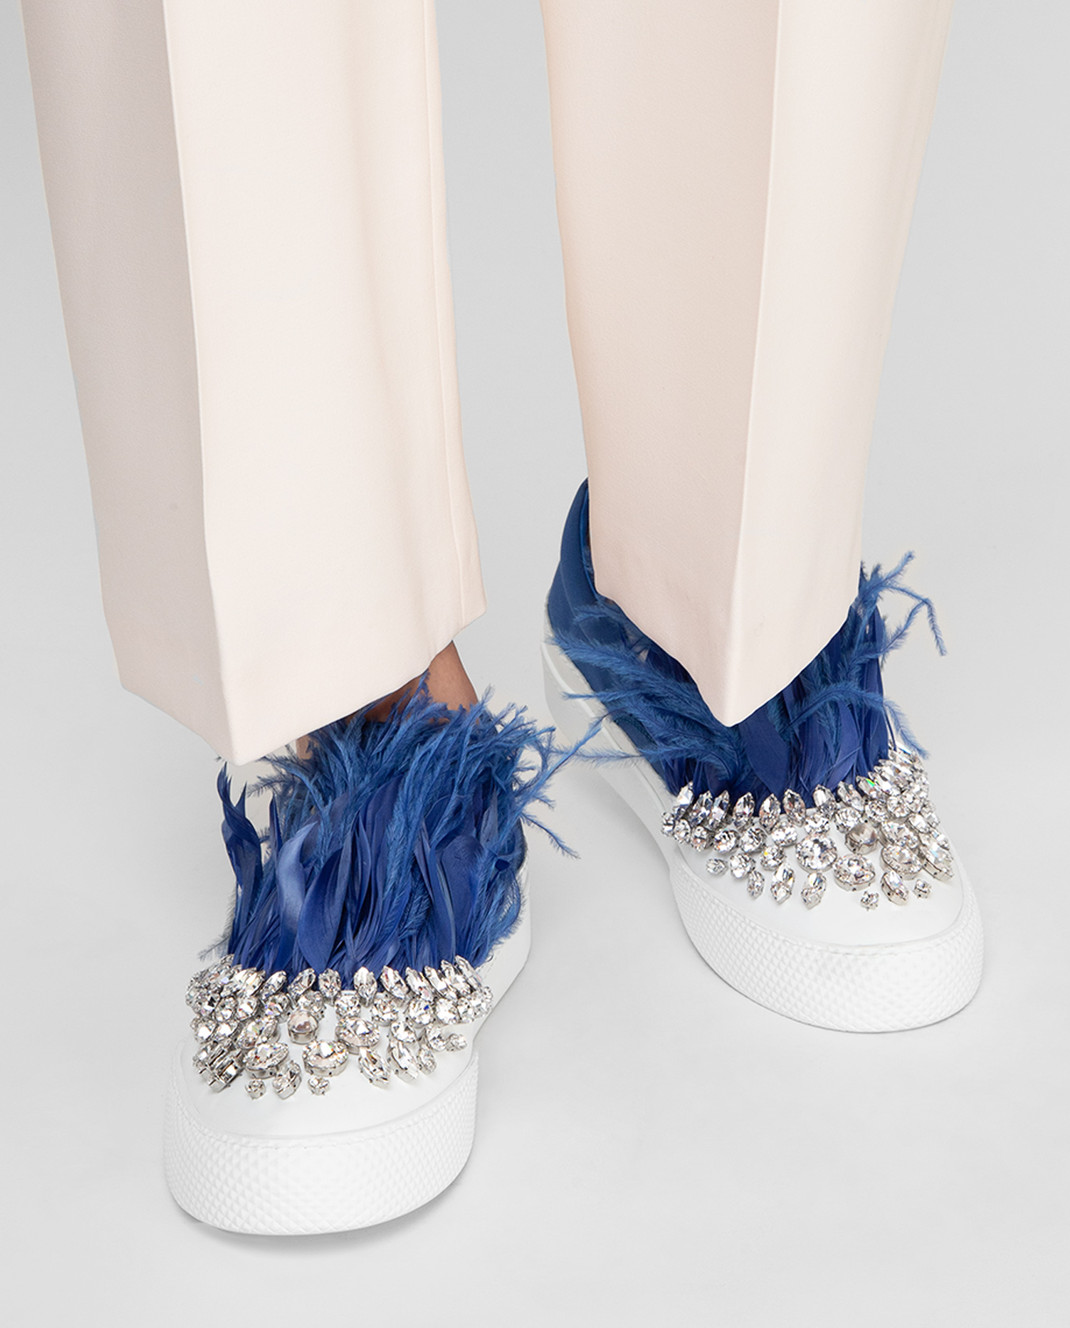 Miu Miu Синие слипоны с кристаллами и перьями из страуса 5S926A3J2W изображение 2